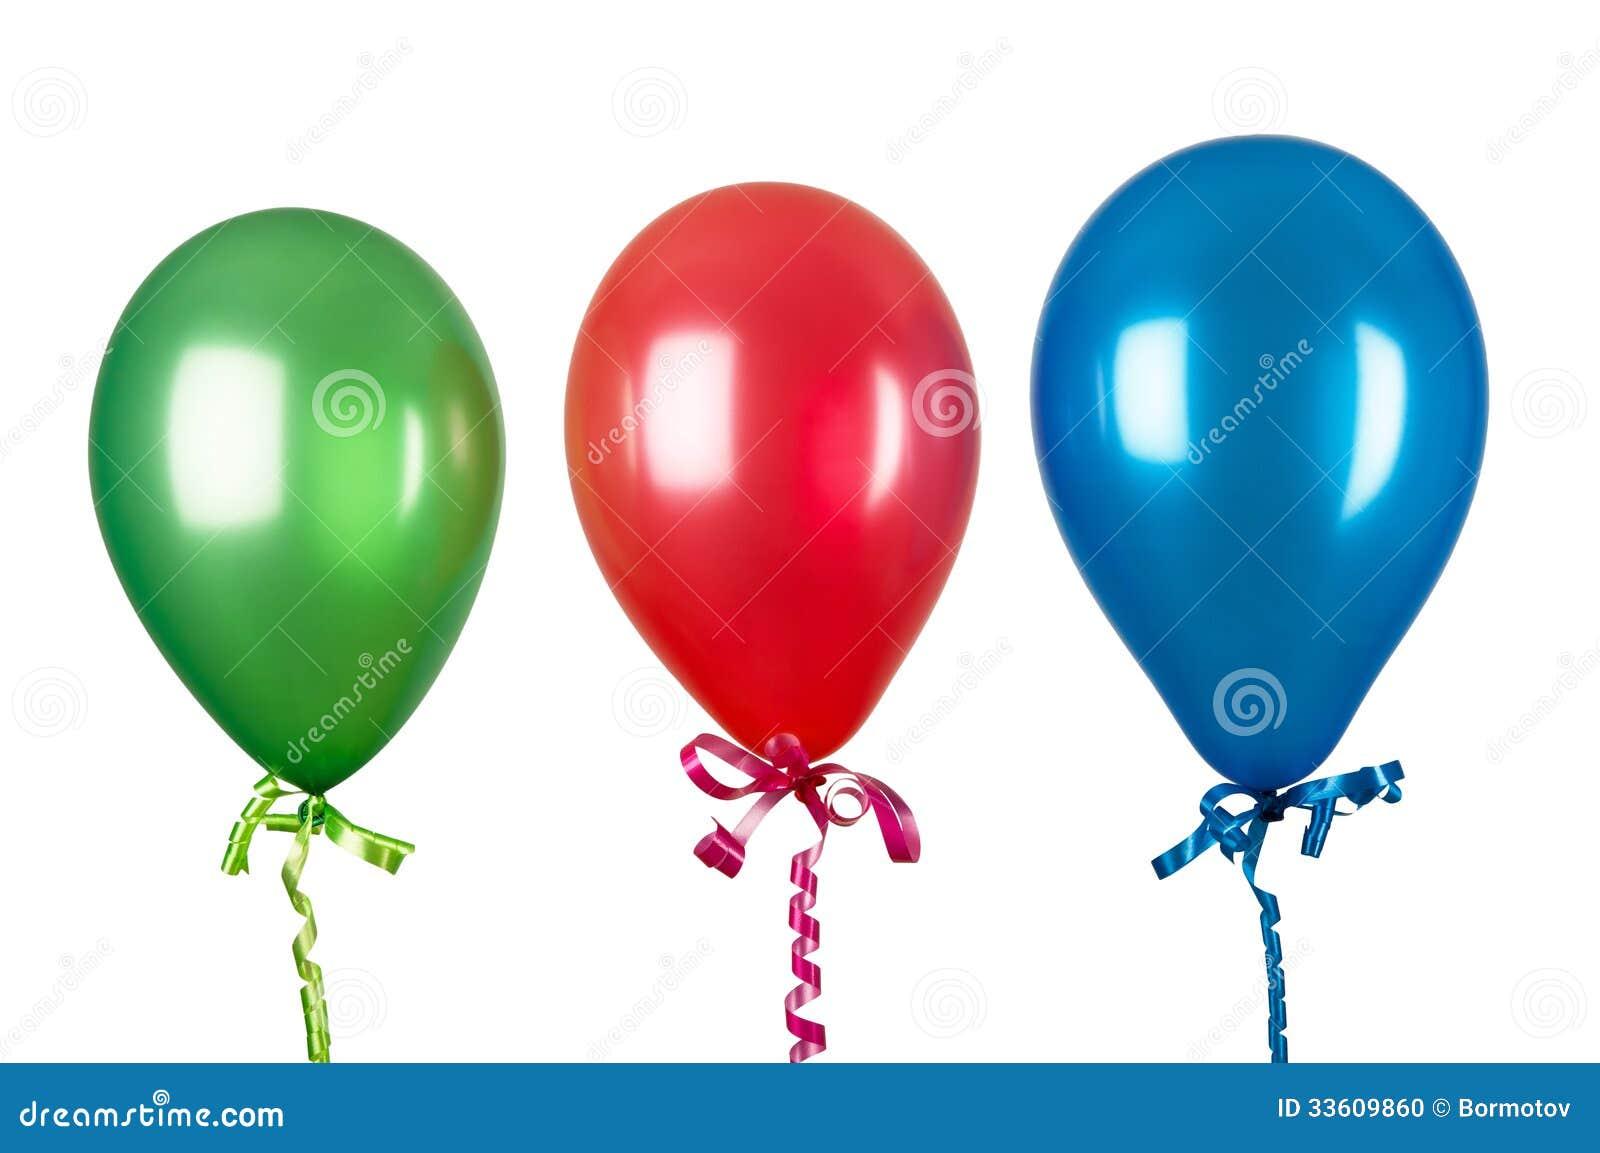 balloons white background - photo #31